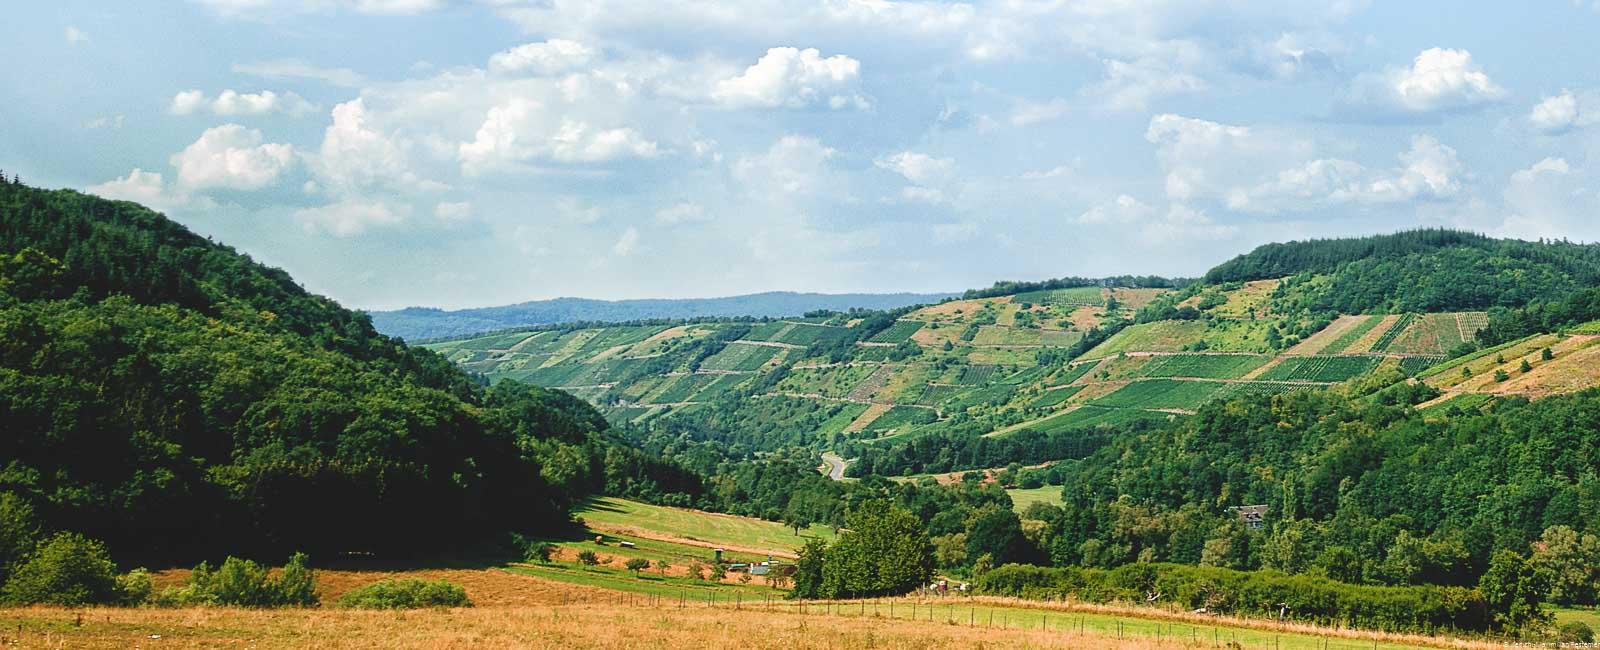 Vorne sind Wiesen im Sommer. Links ist ein bewaldeter Hügel. Vorne ist ein Tal in der Mitte. Auf der rechten Seite vorne ergebt sich der steile Weinberg Dhroner Roterd. Am Himmel sind blaue und weiße Wolken.